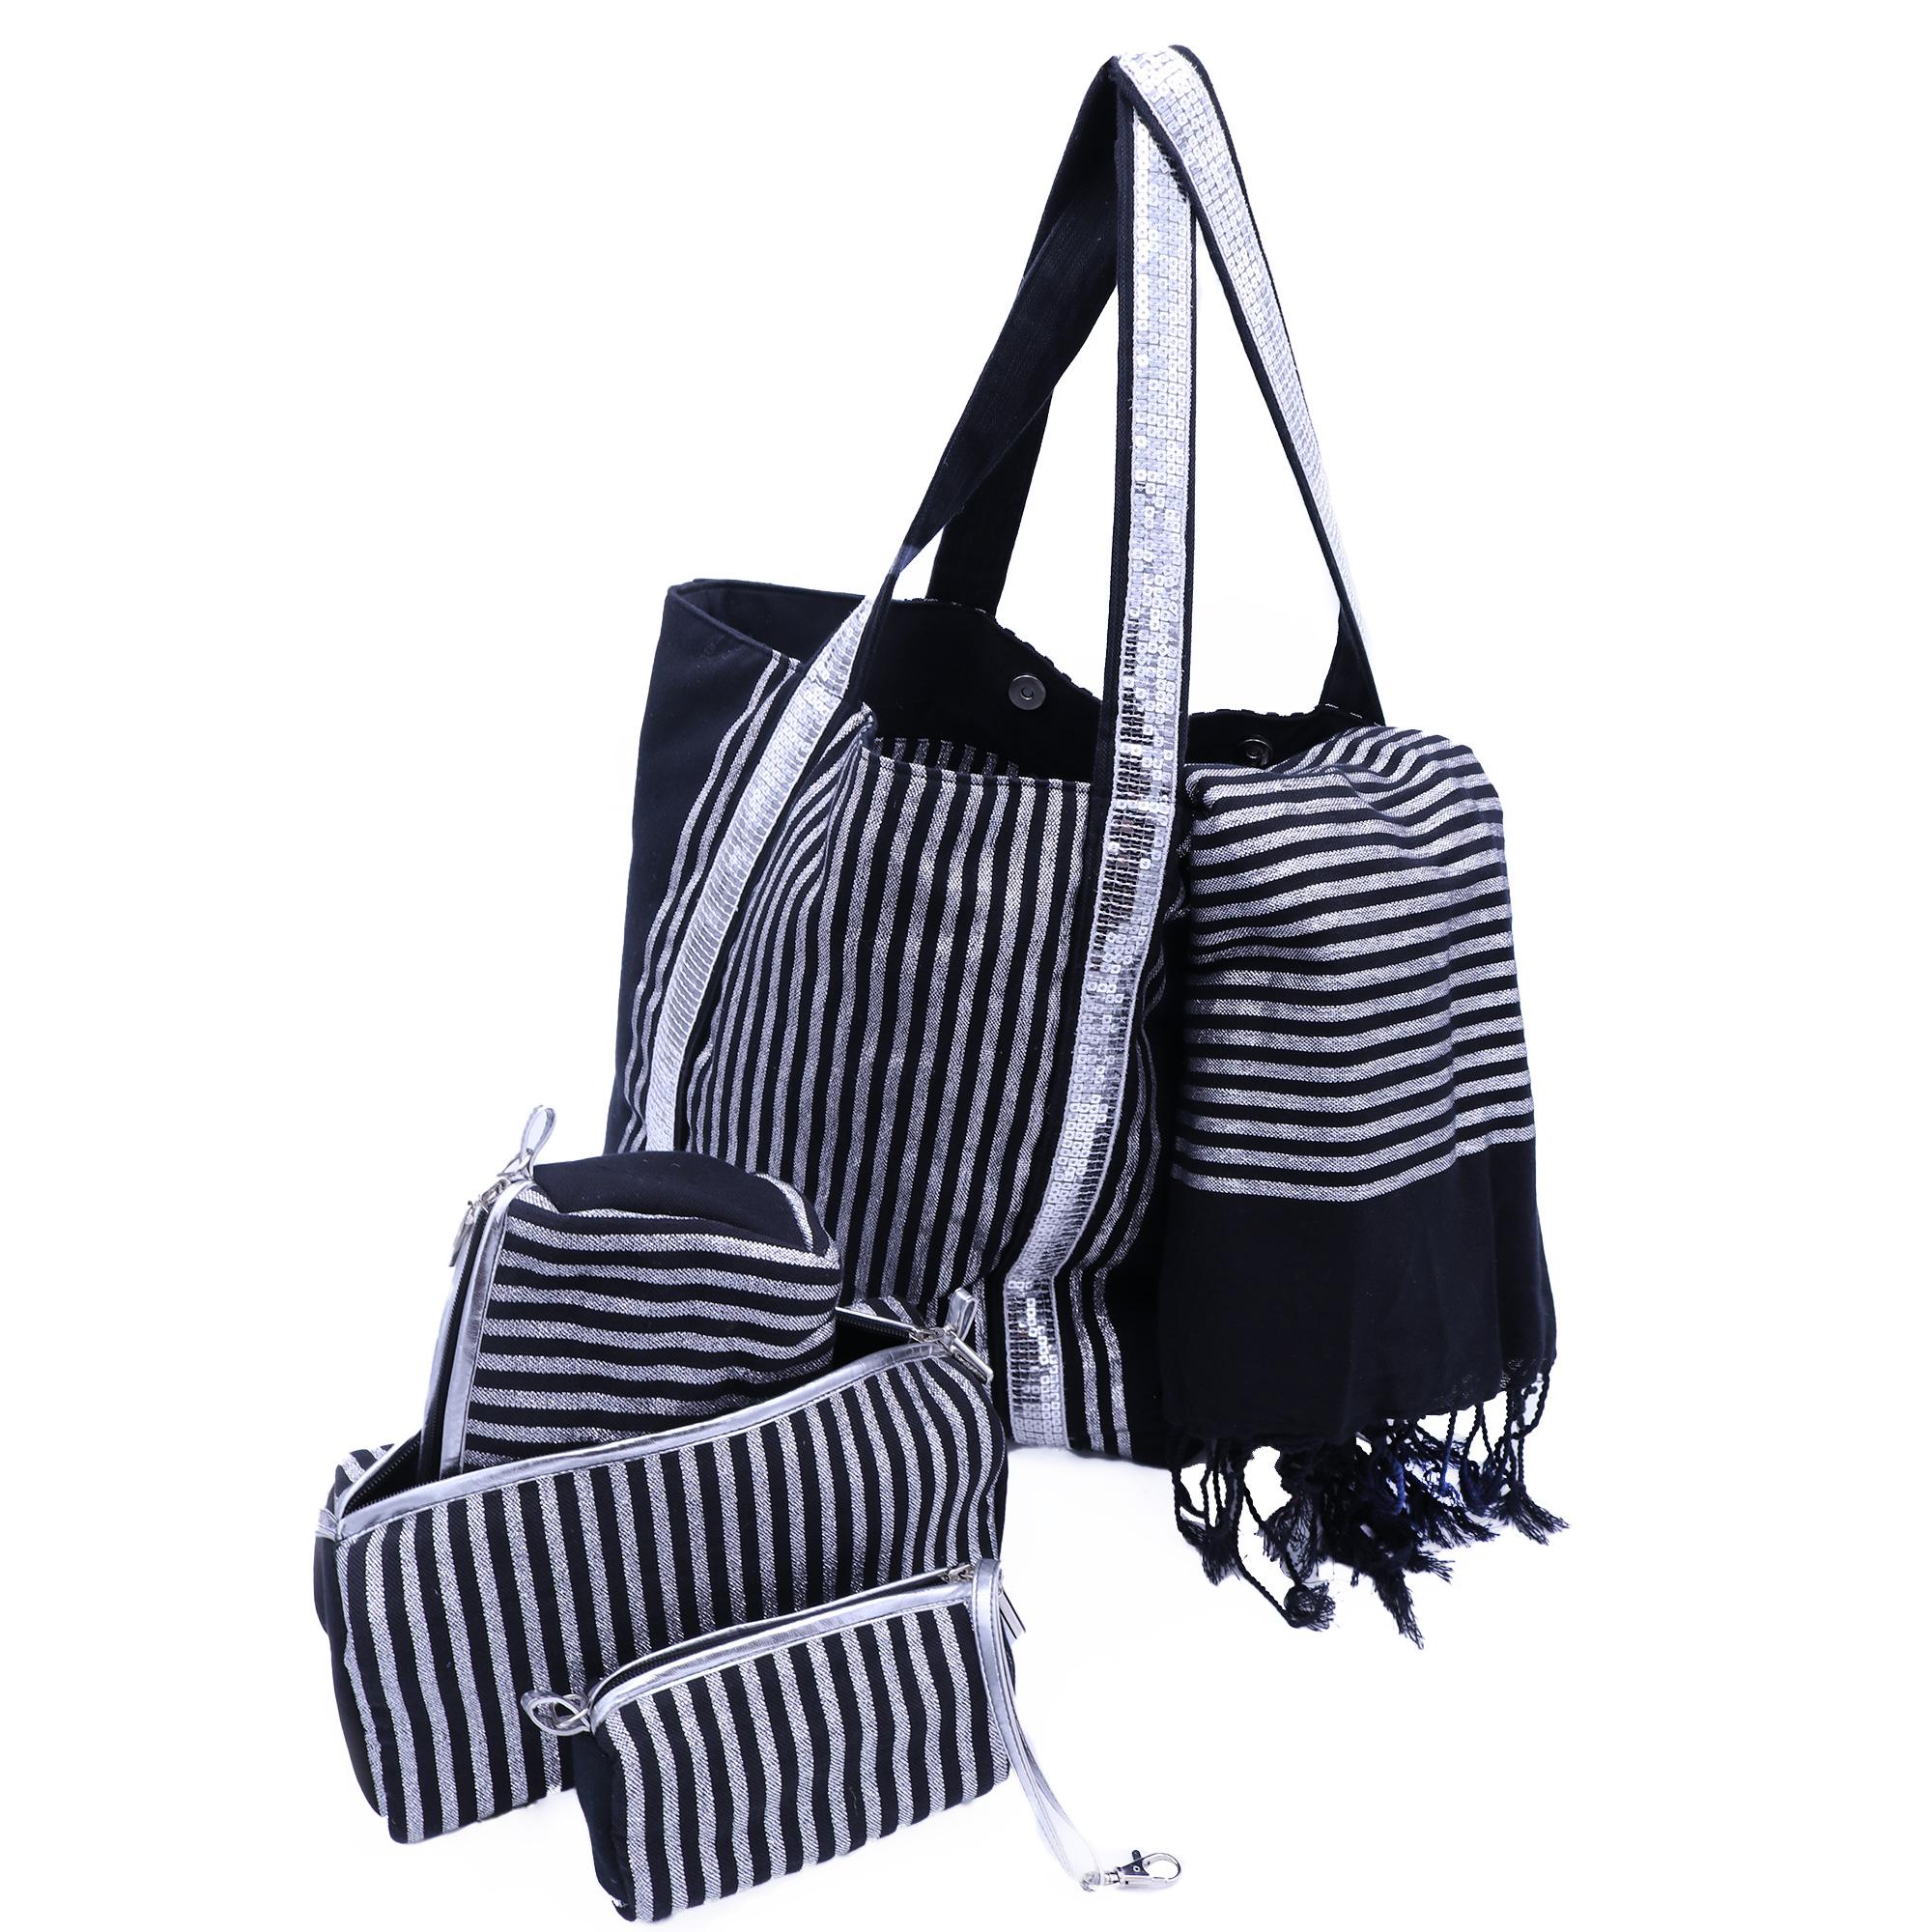 Ensemble sac cabas et accessoires en coton fouta noir et lurex argent